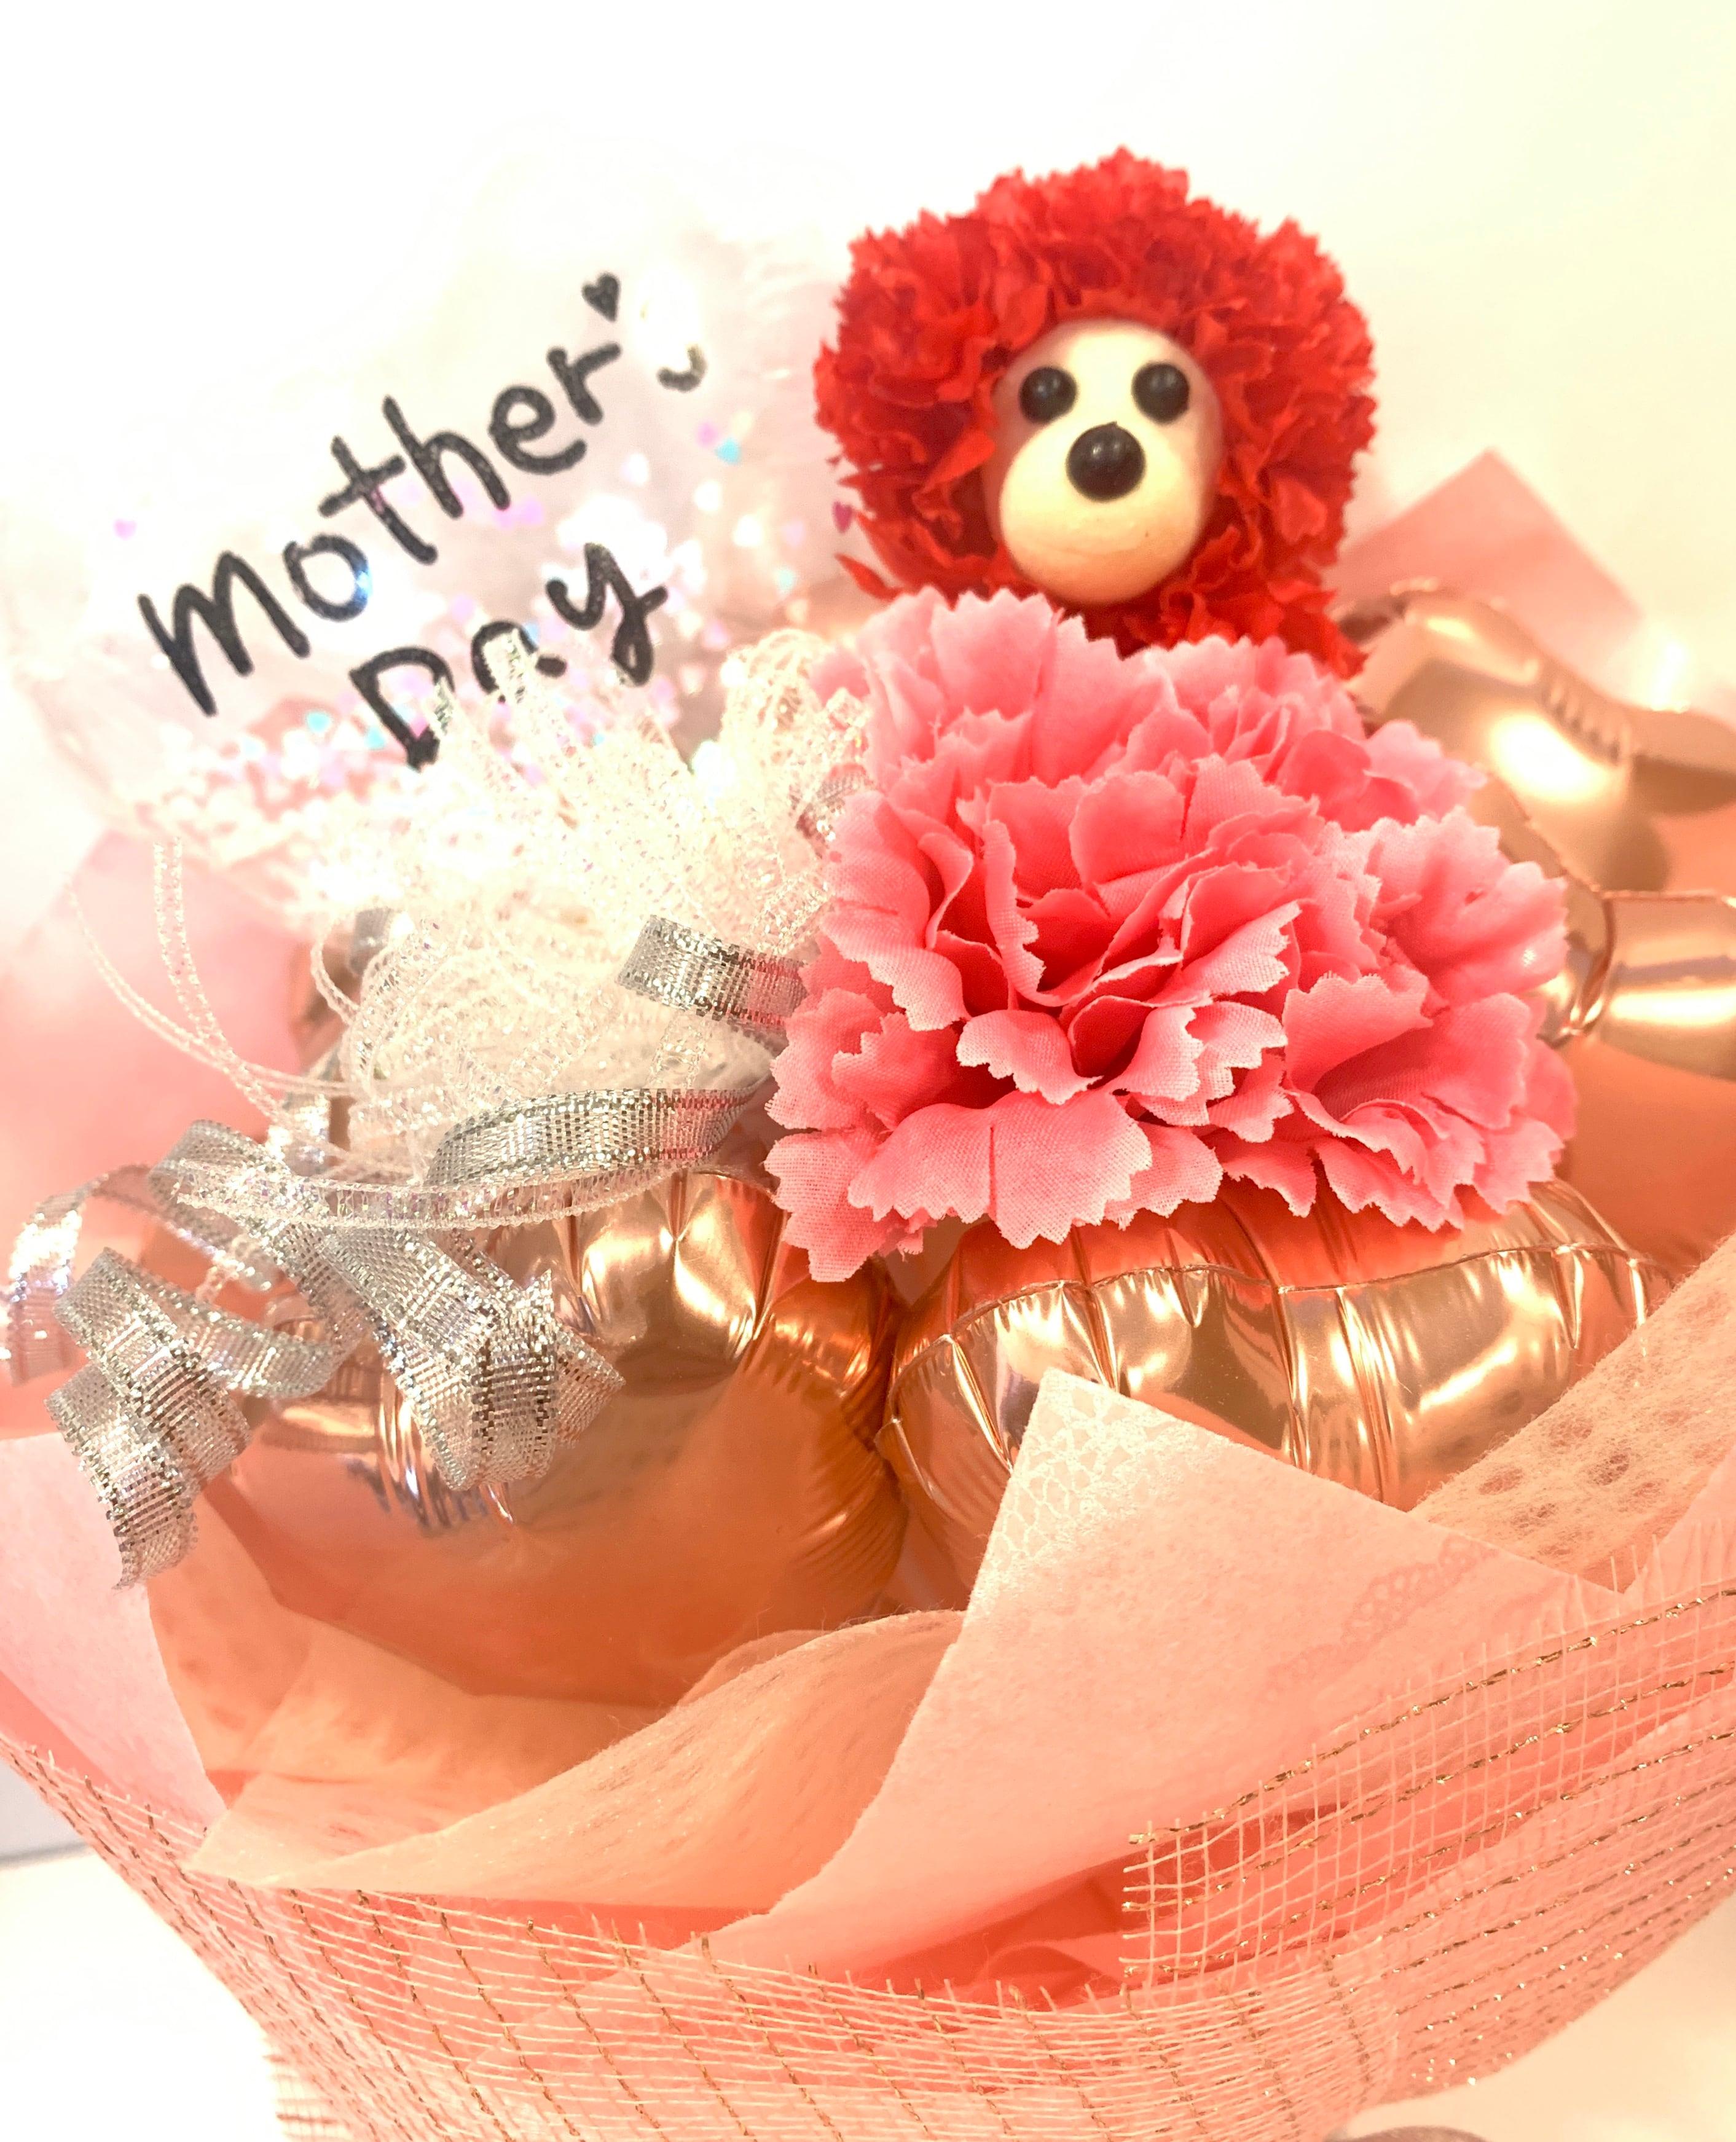 【母の日ギフト】Happy Mother's Day バルーンブーケ